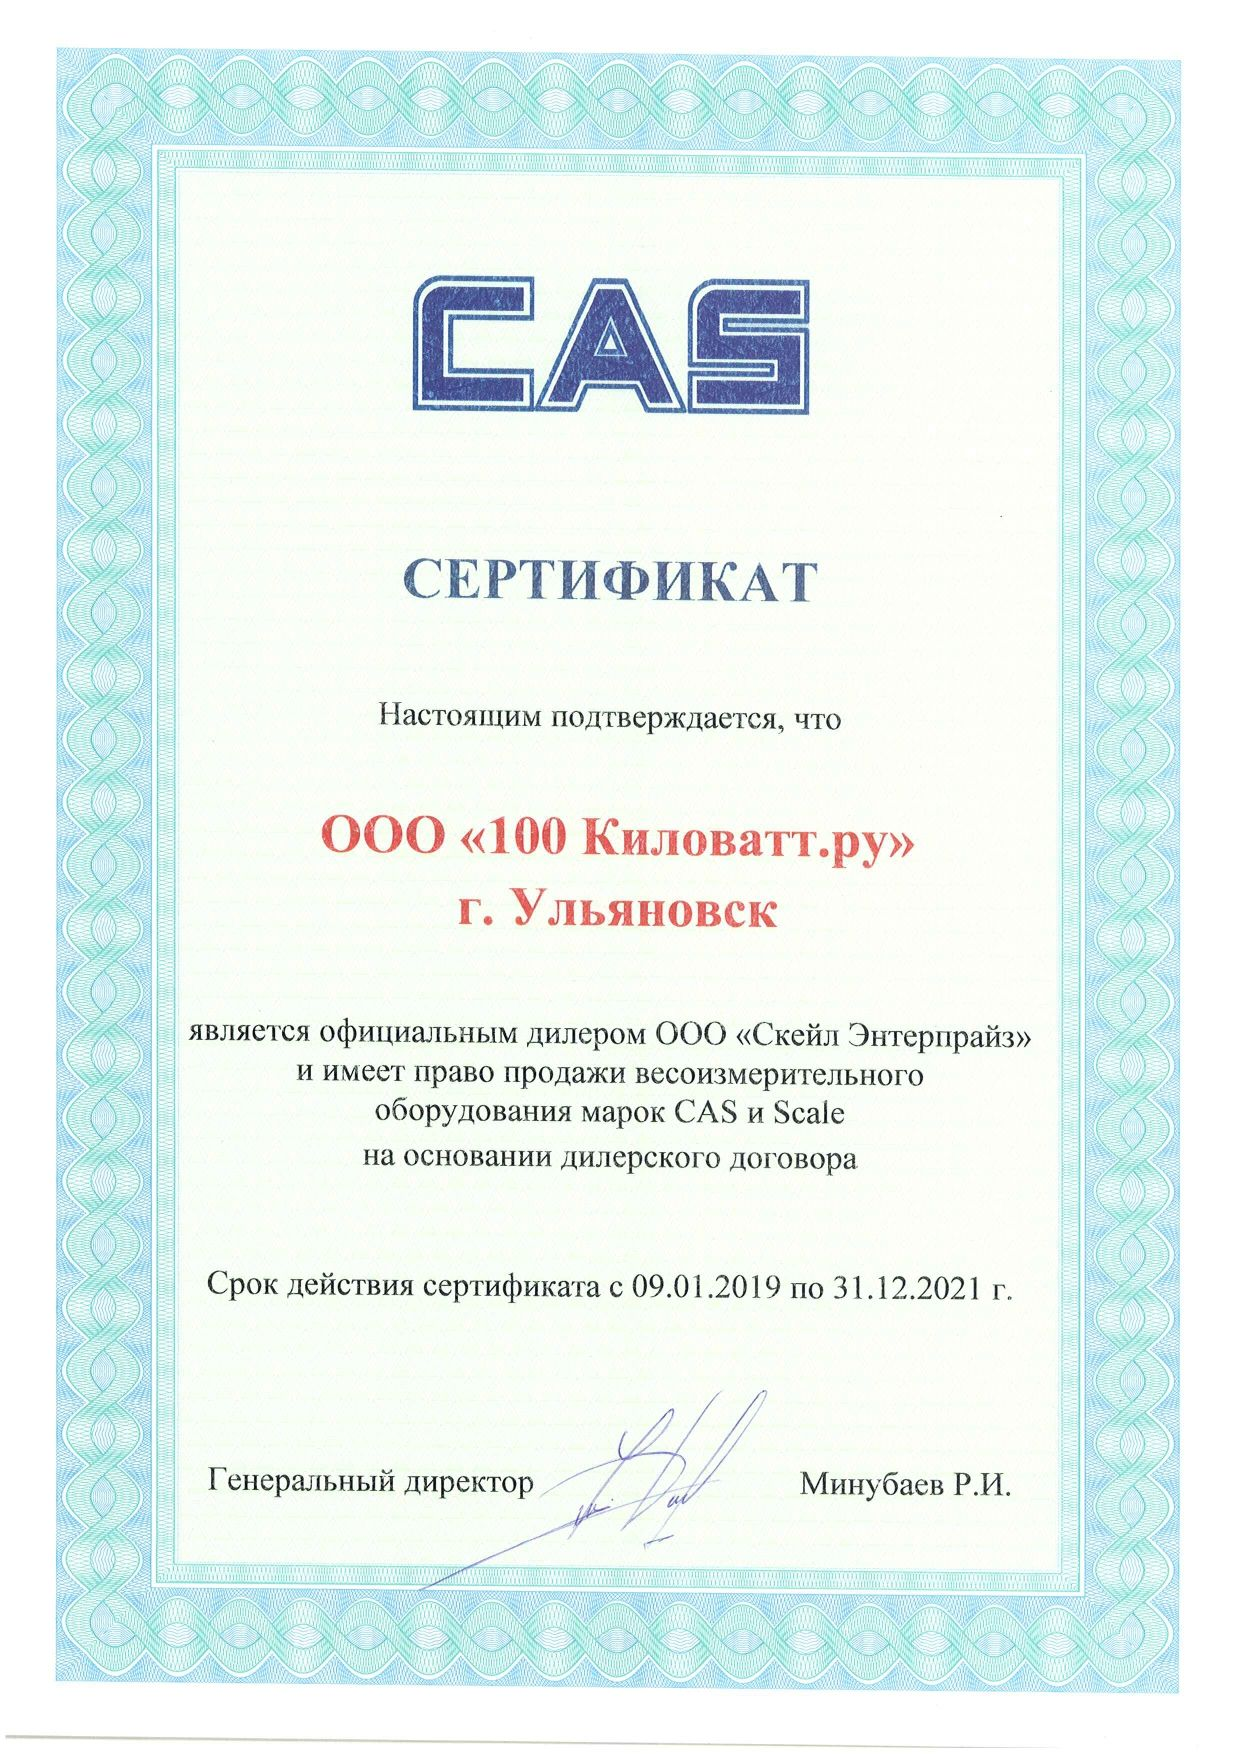 Скейл Энтерпрайз - Сертификат дилера